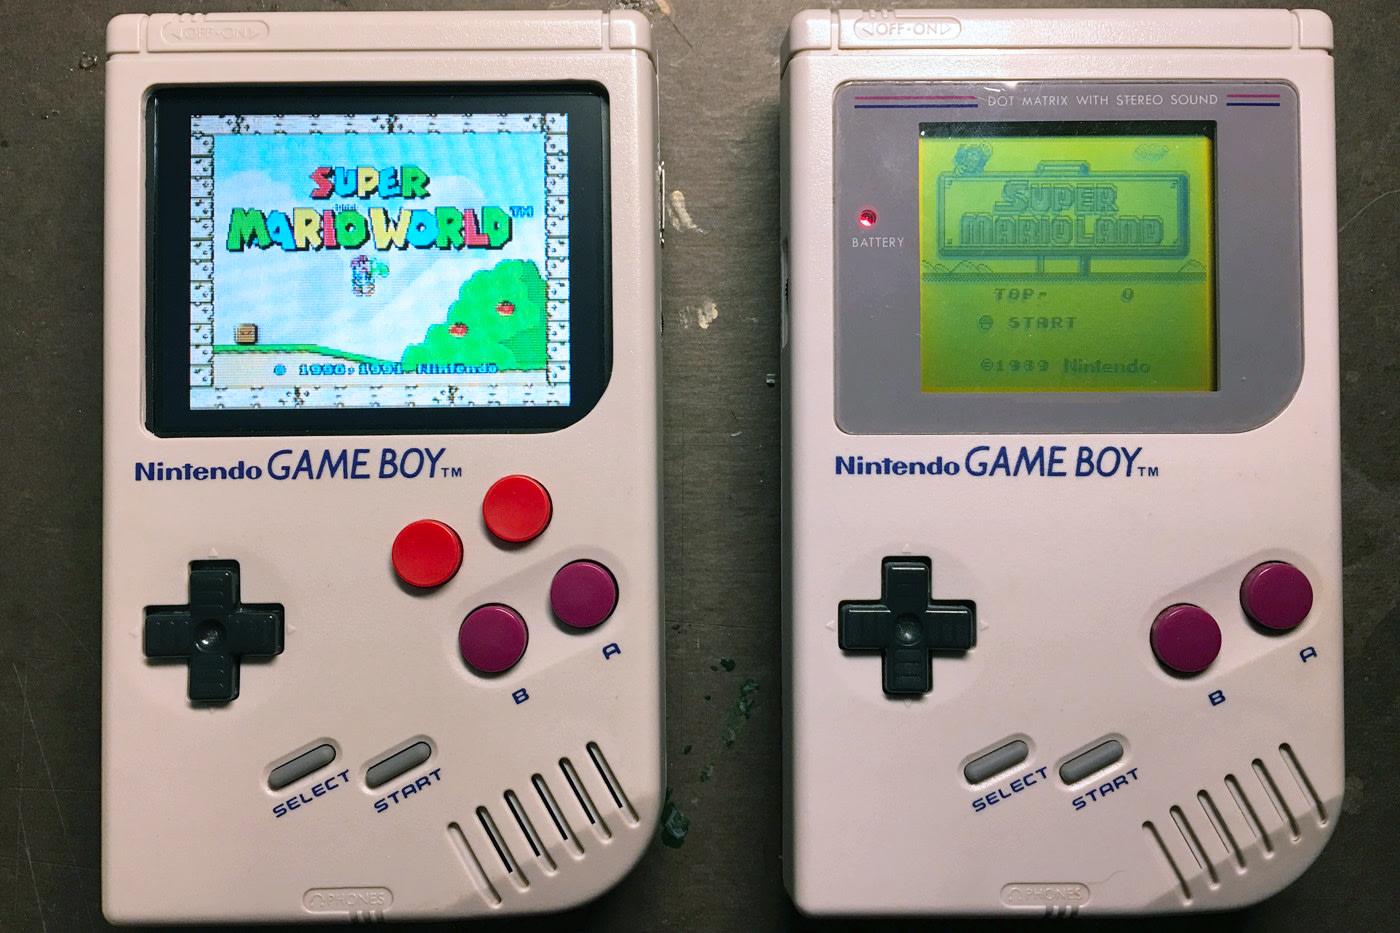 Game boy color online free - Image Credit